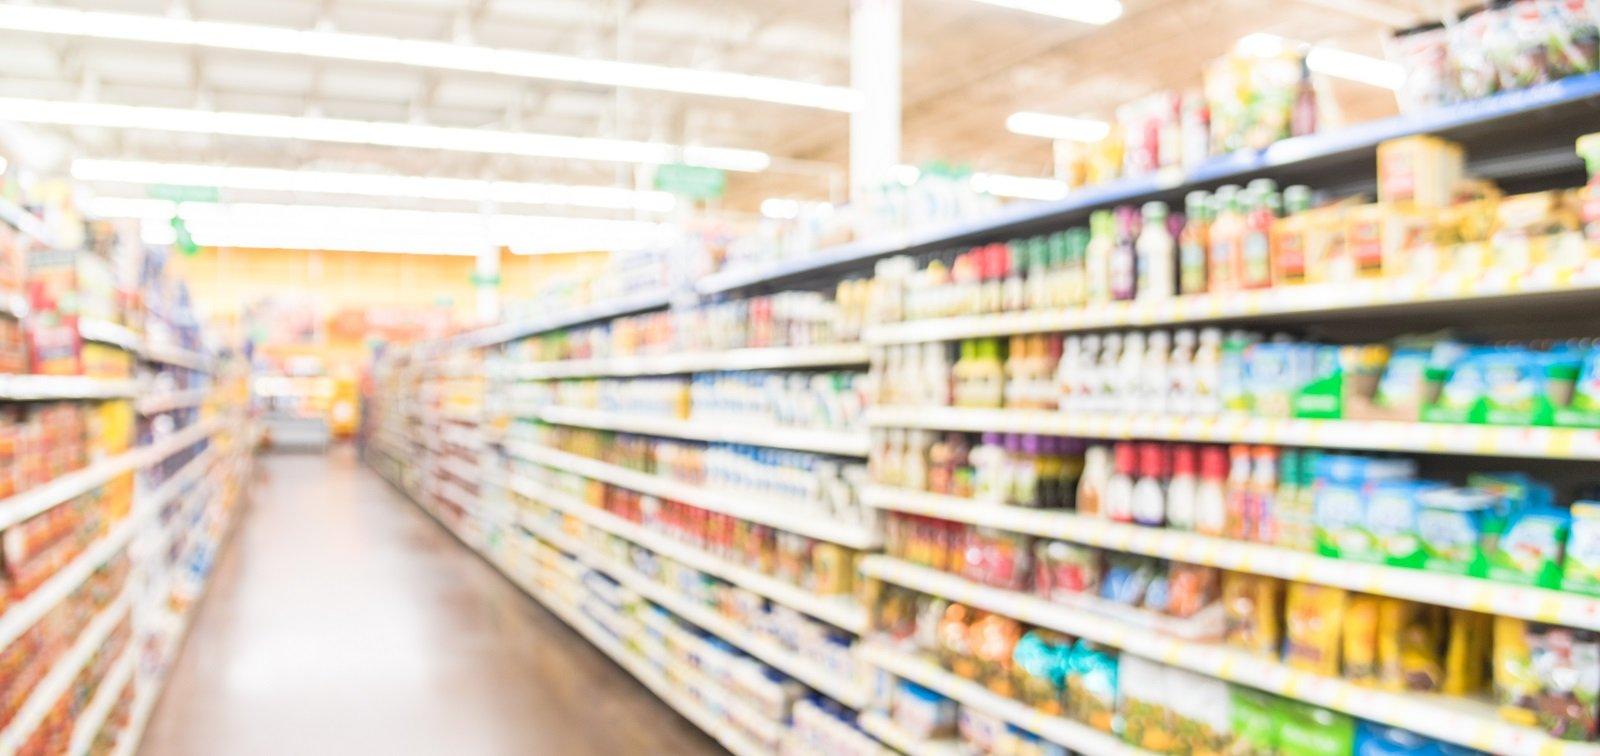 Selezione sfuocata di pasta, ketchup, condimento, salsa di pomodoro e verdura in scatola sugli scaffali in magazzino